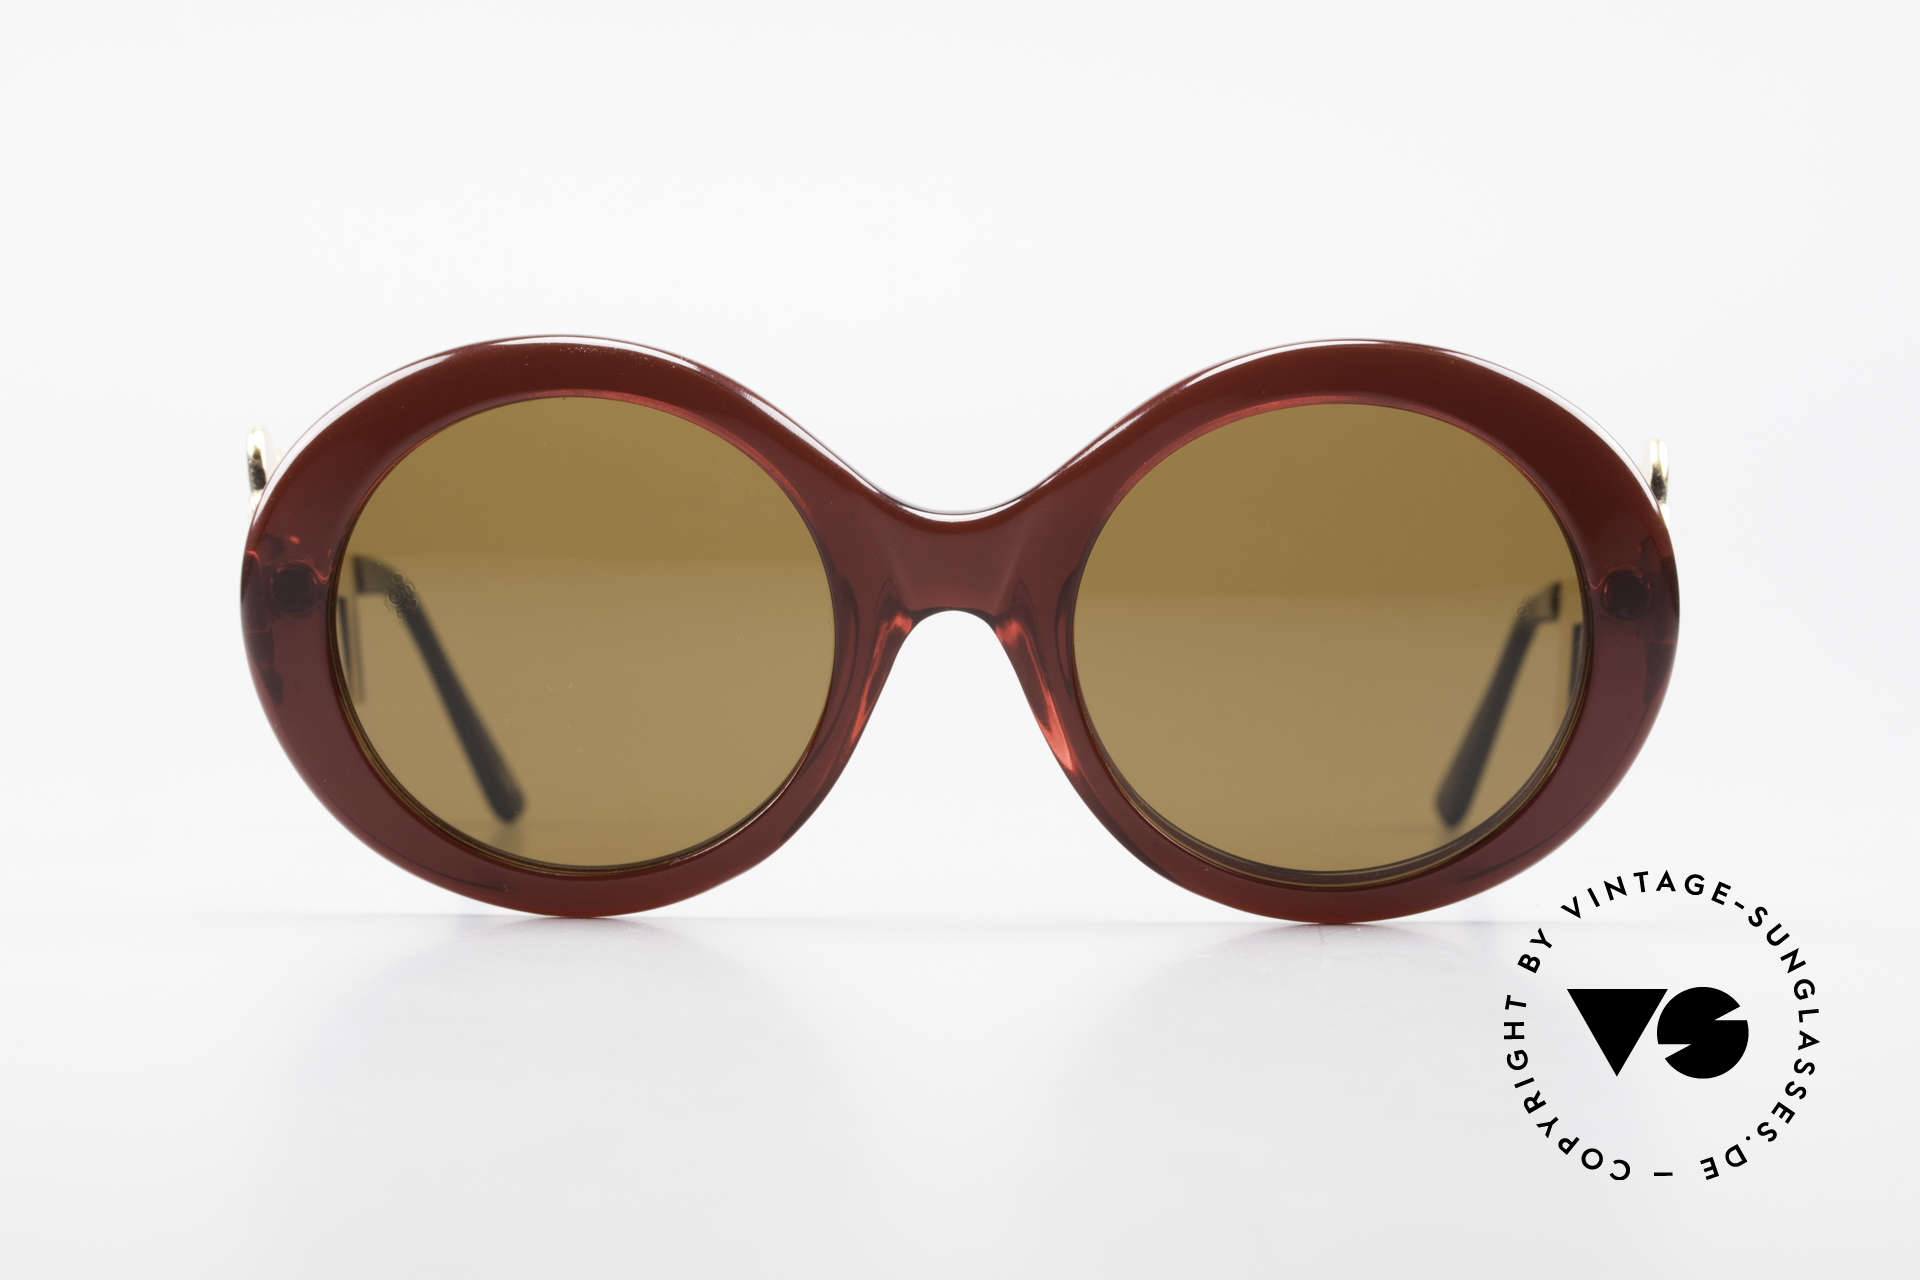 Moschino M254 Schüssel Sonnenbrille Antik, Moschino-Kreationen von Persol produziert (80er), Passend für Damen